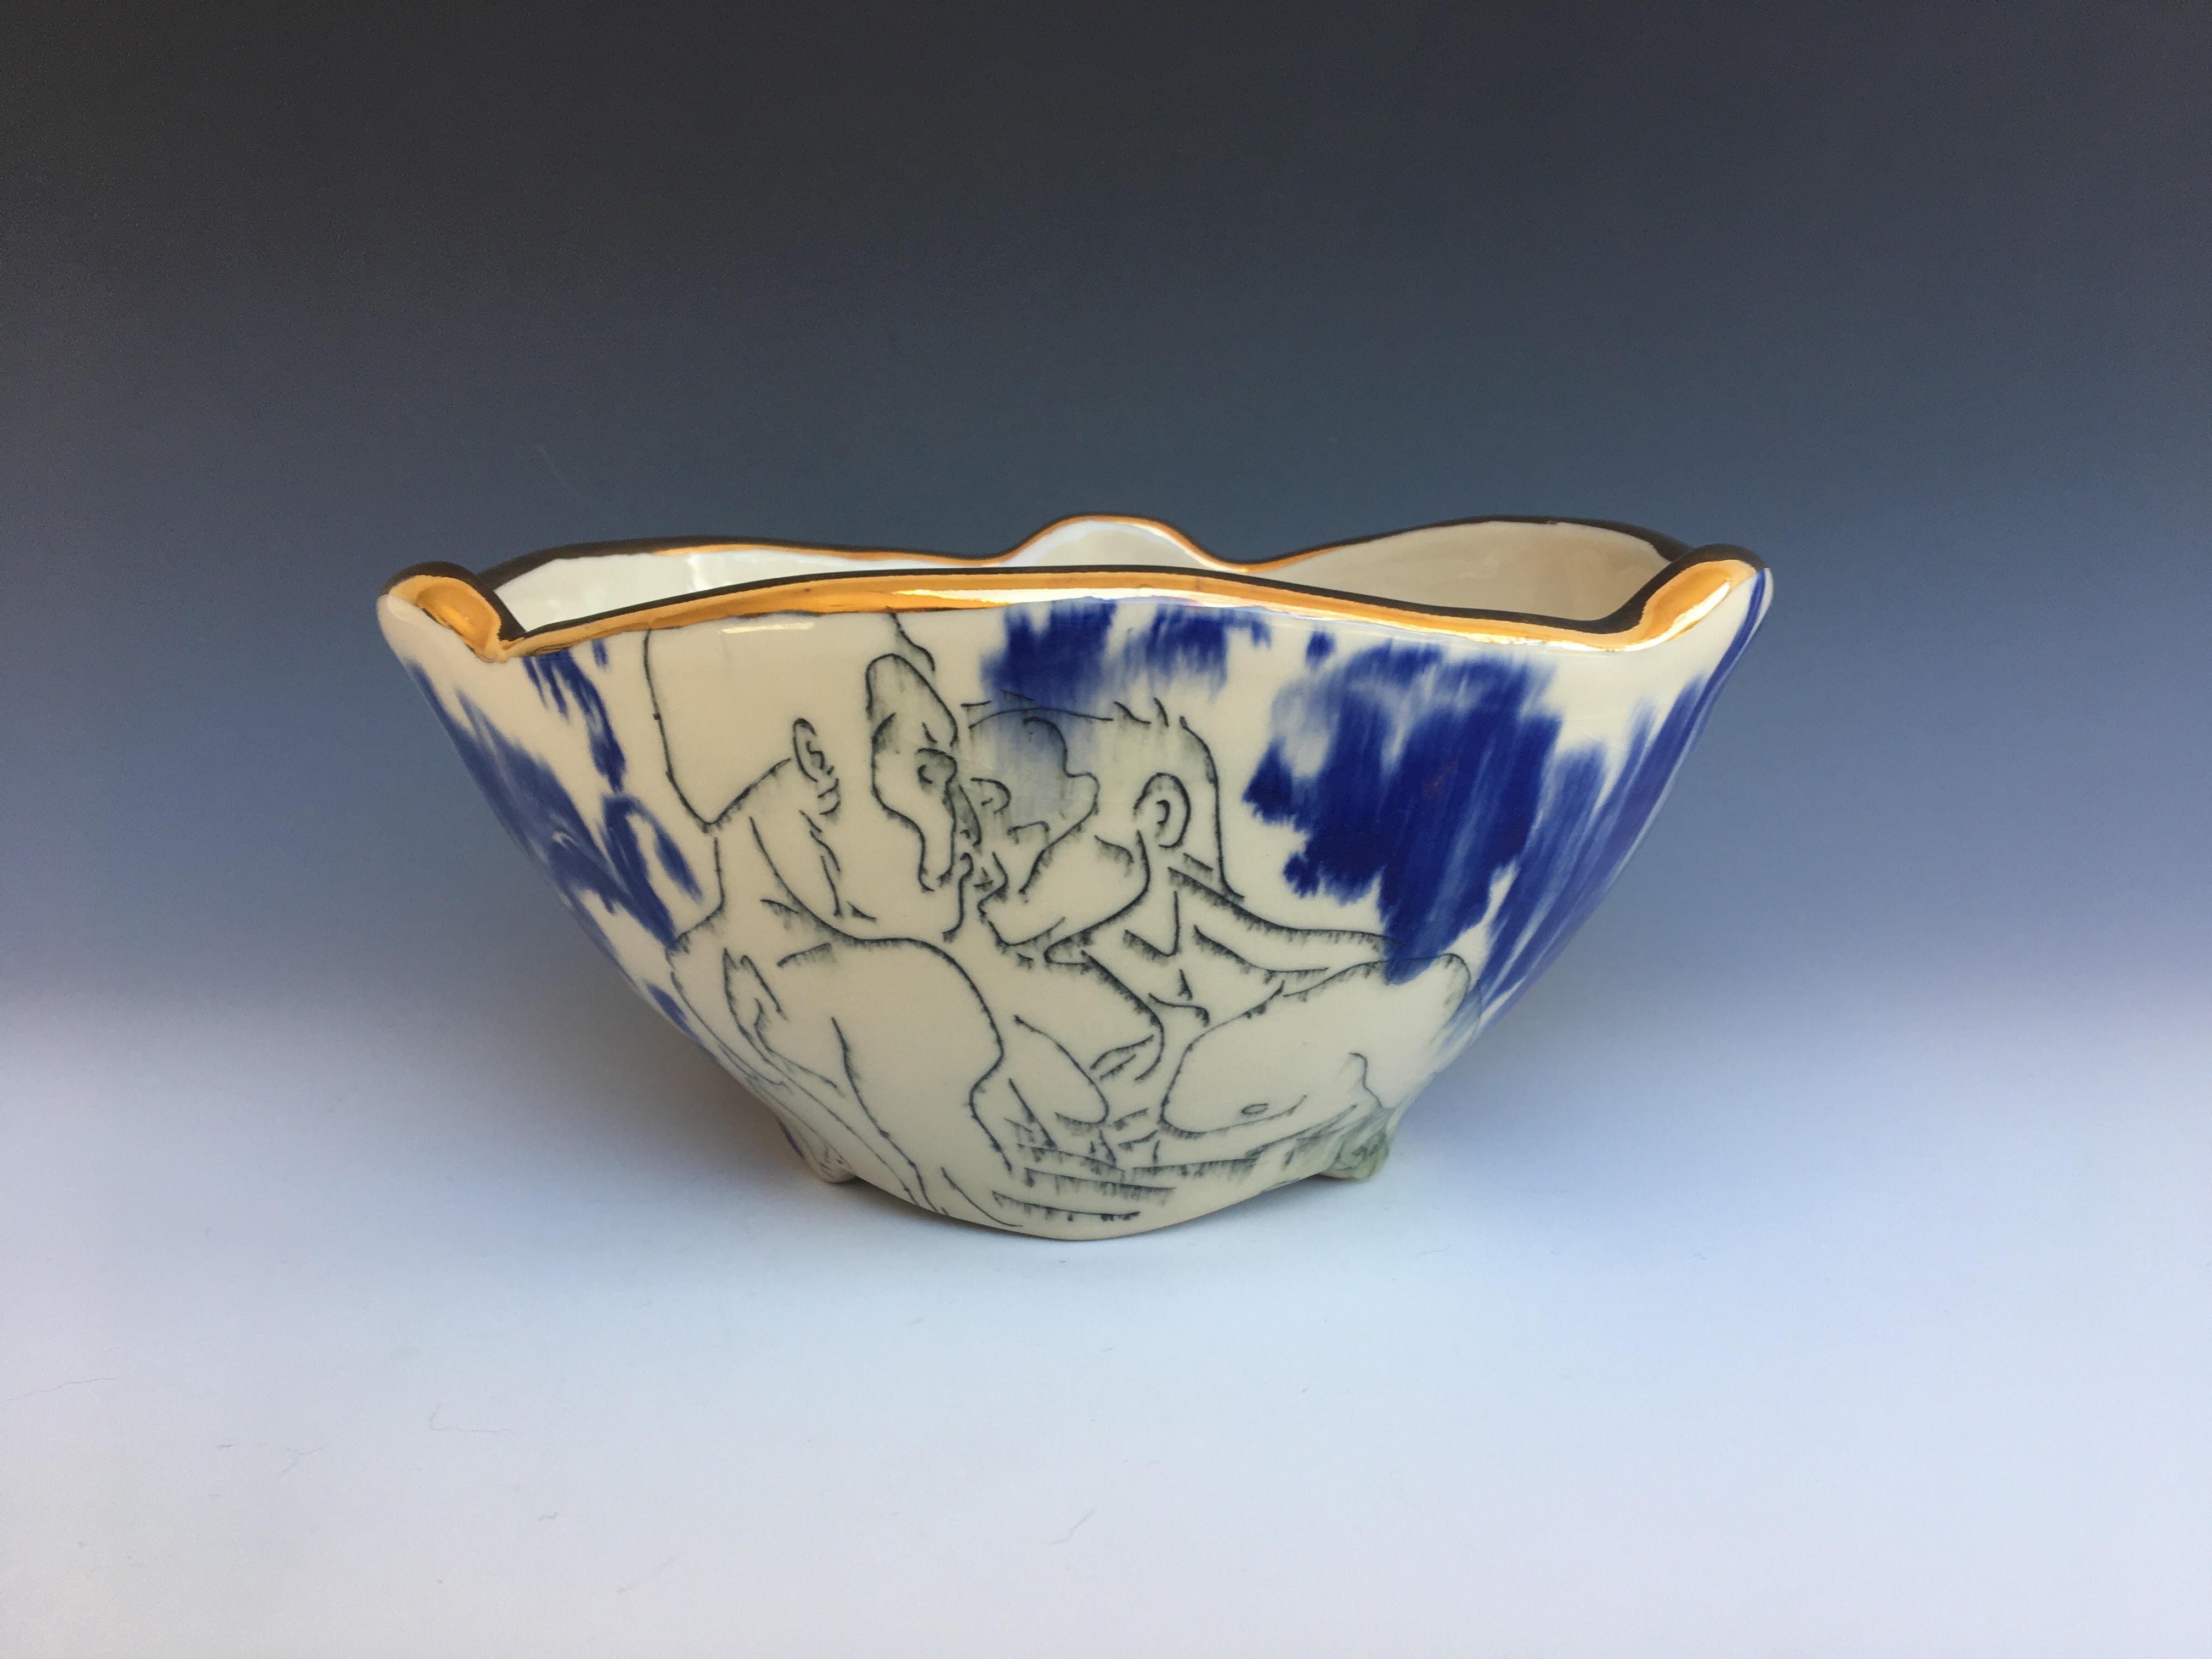 Sexpot Serving Bowl